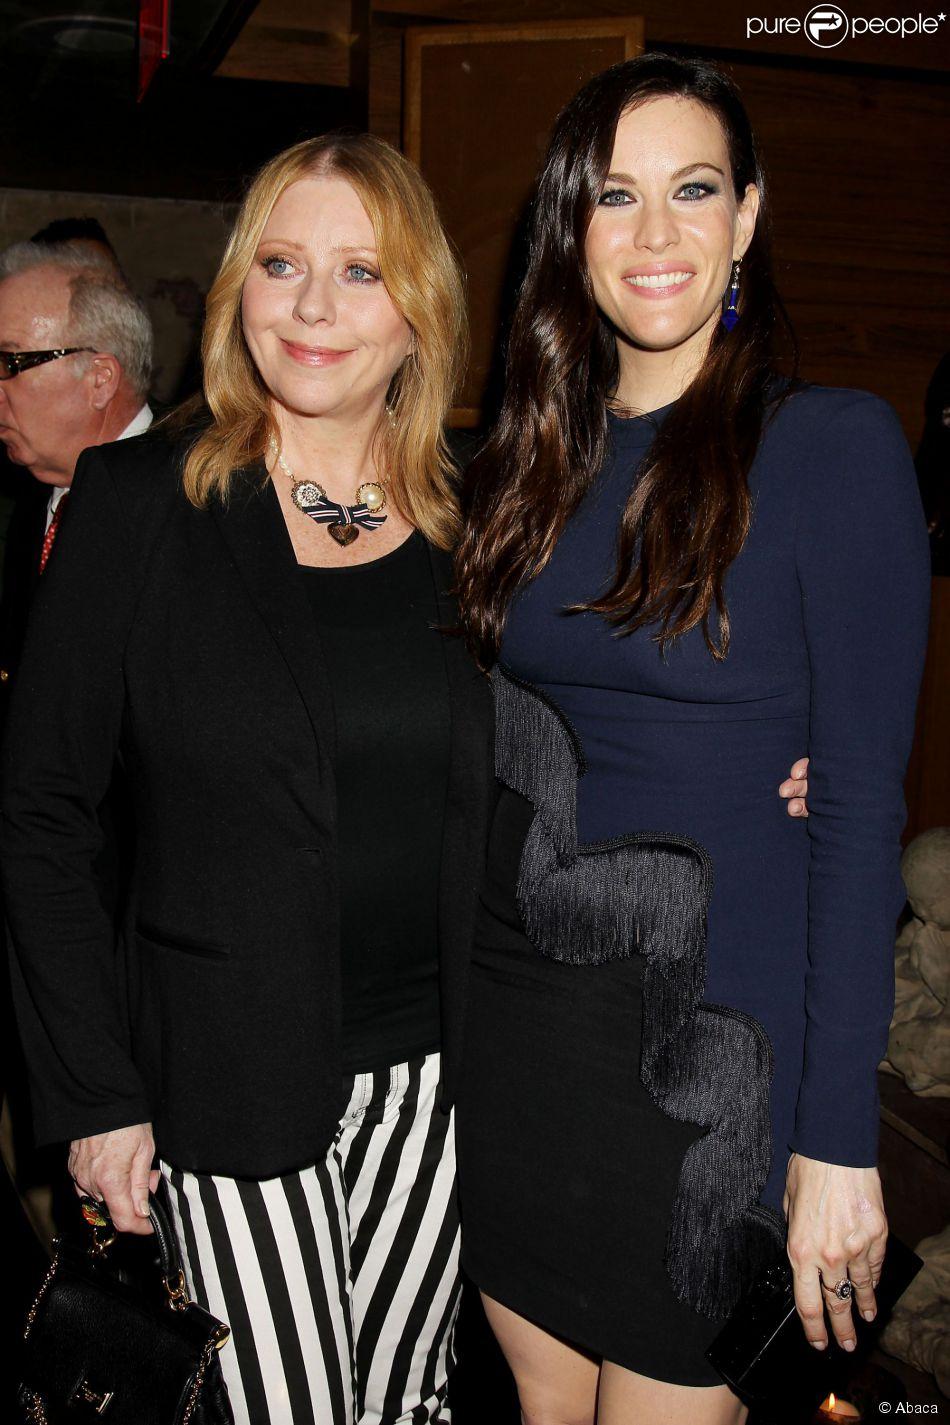 """Bebe Buell et Liv Tyler lors de l'after party de la présentation de la série """"The Leftovers"""", au Tao Downtown à New York le 23 juin 2014"""